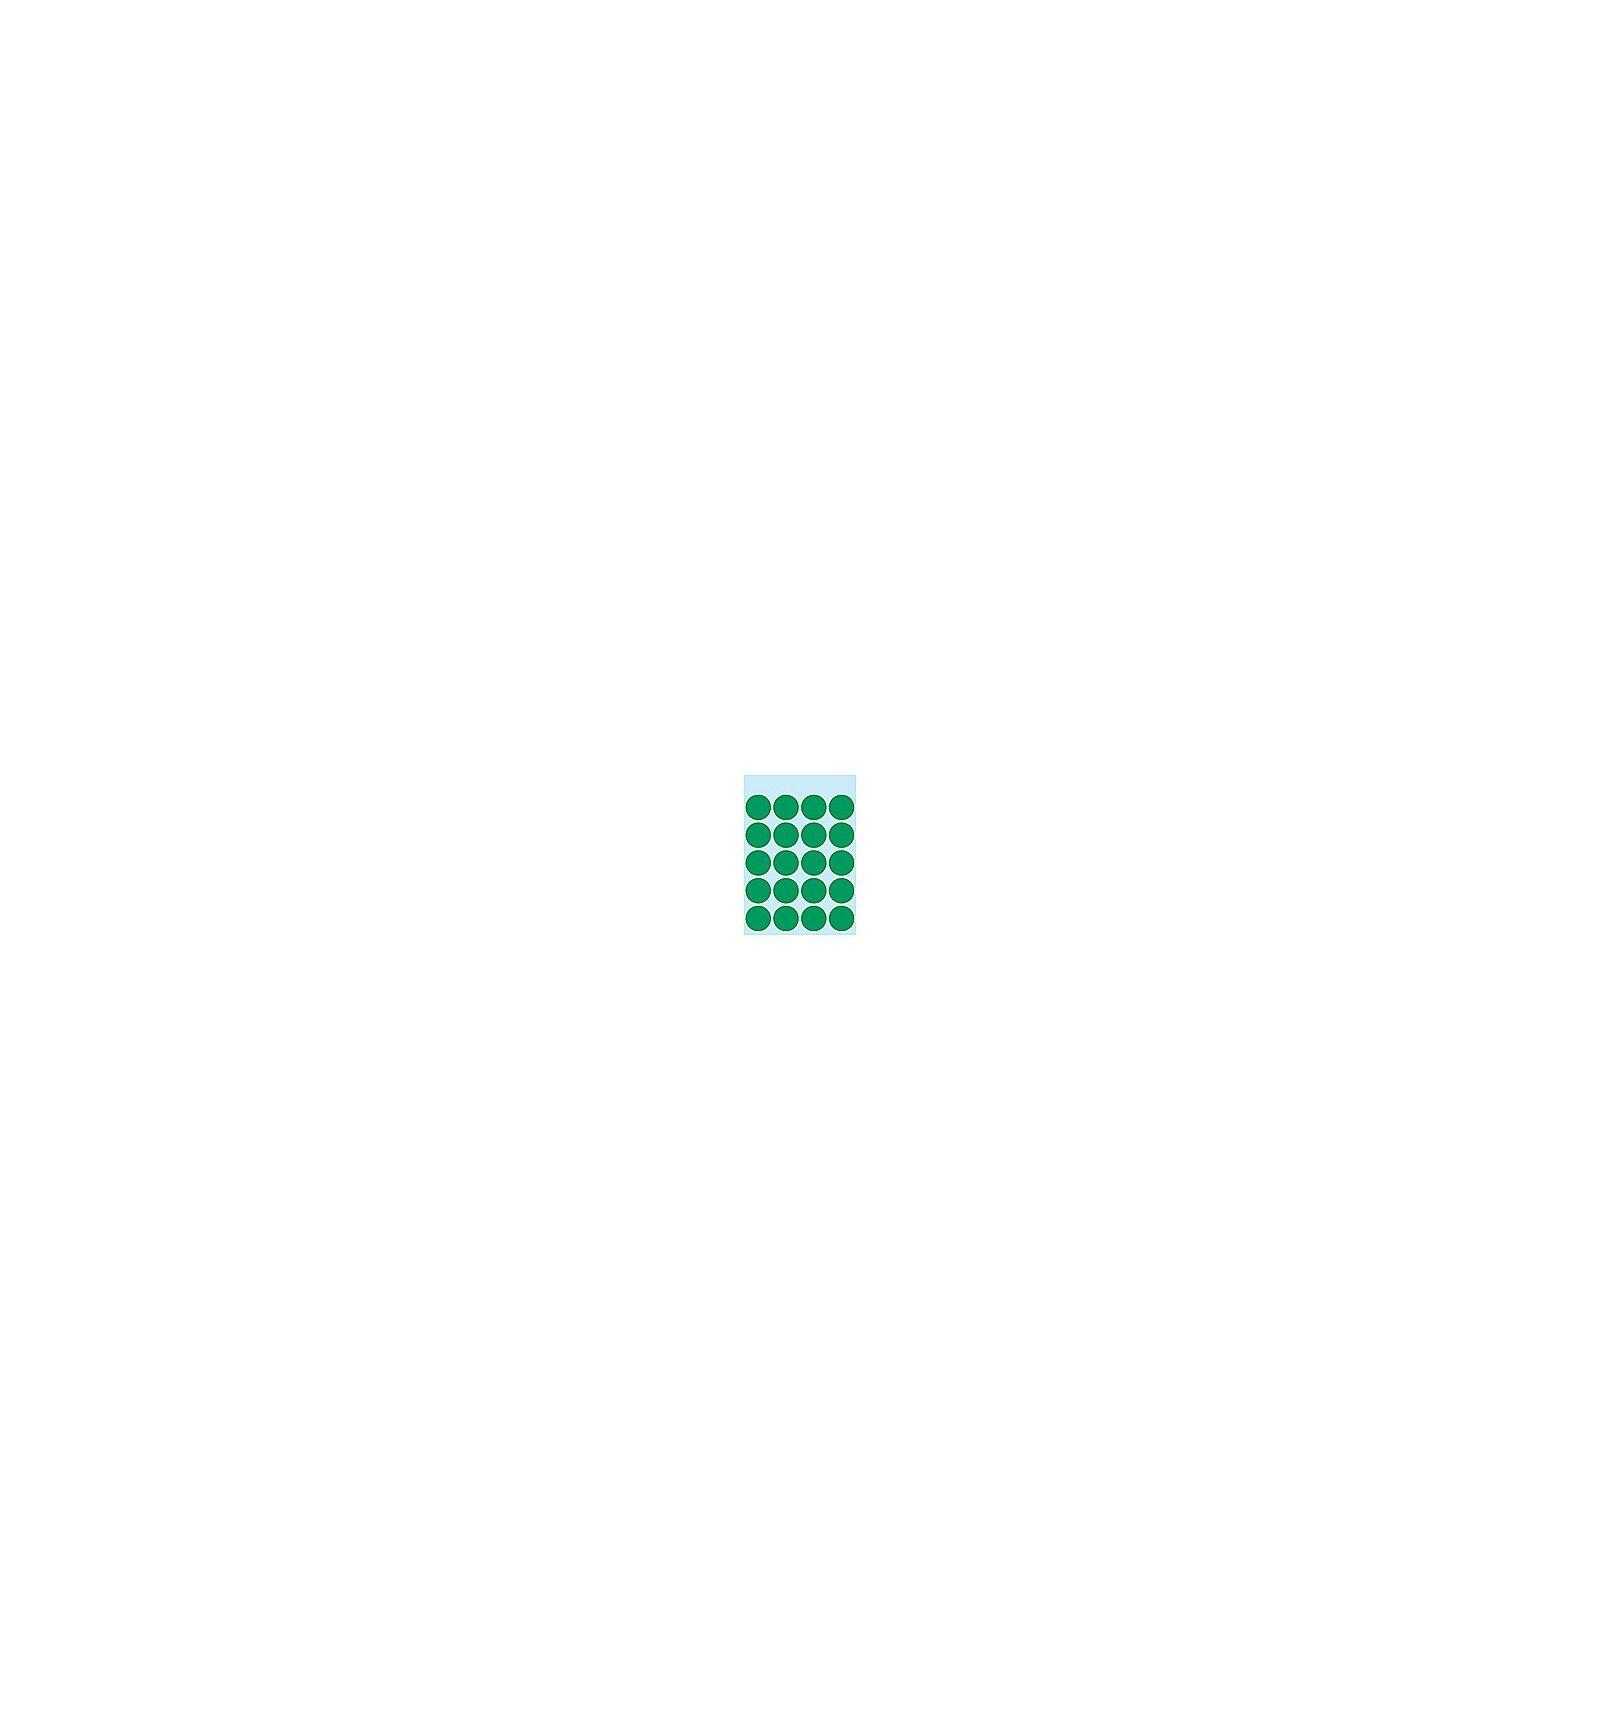 HERMA Multi-purpose labels ø 19mm dark green 100 pcs. liimaetiketti Vihreä kpl